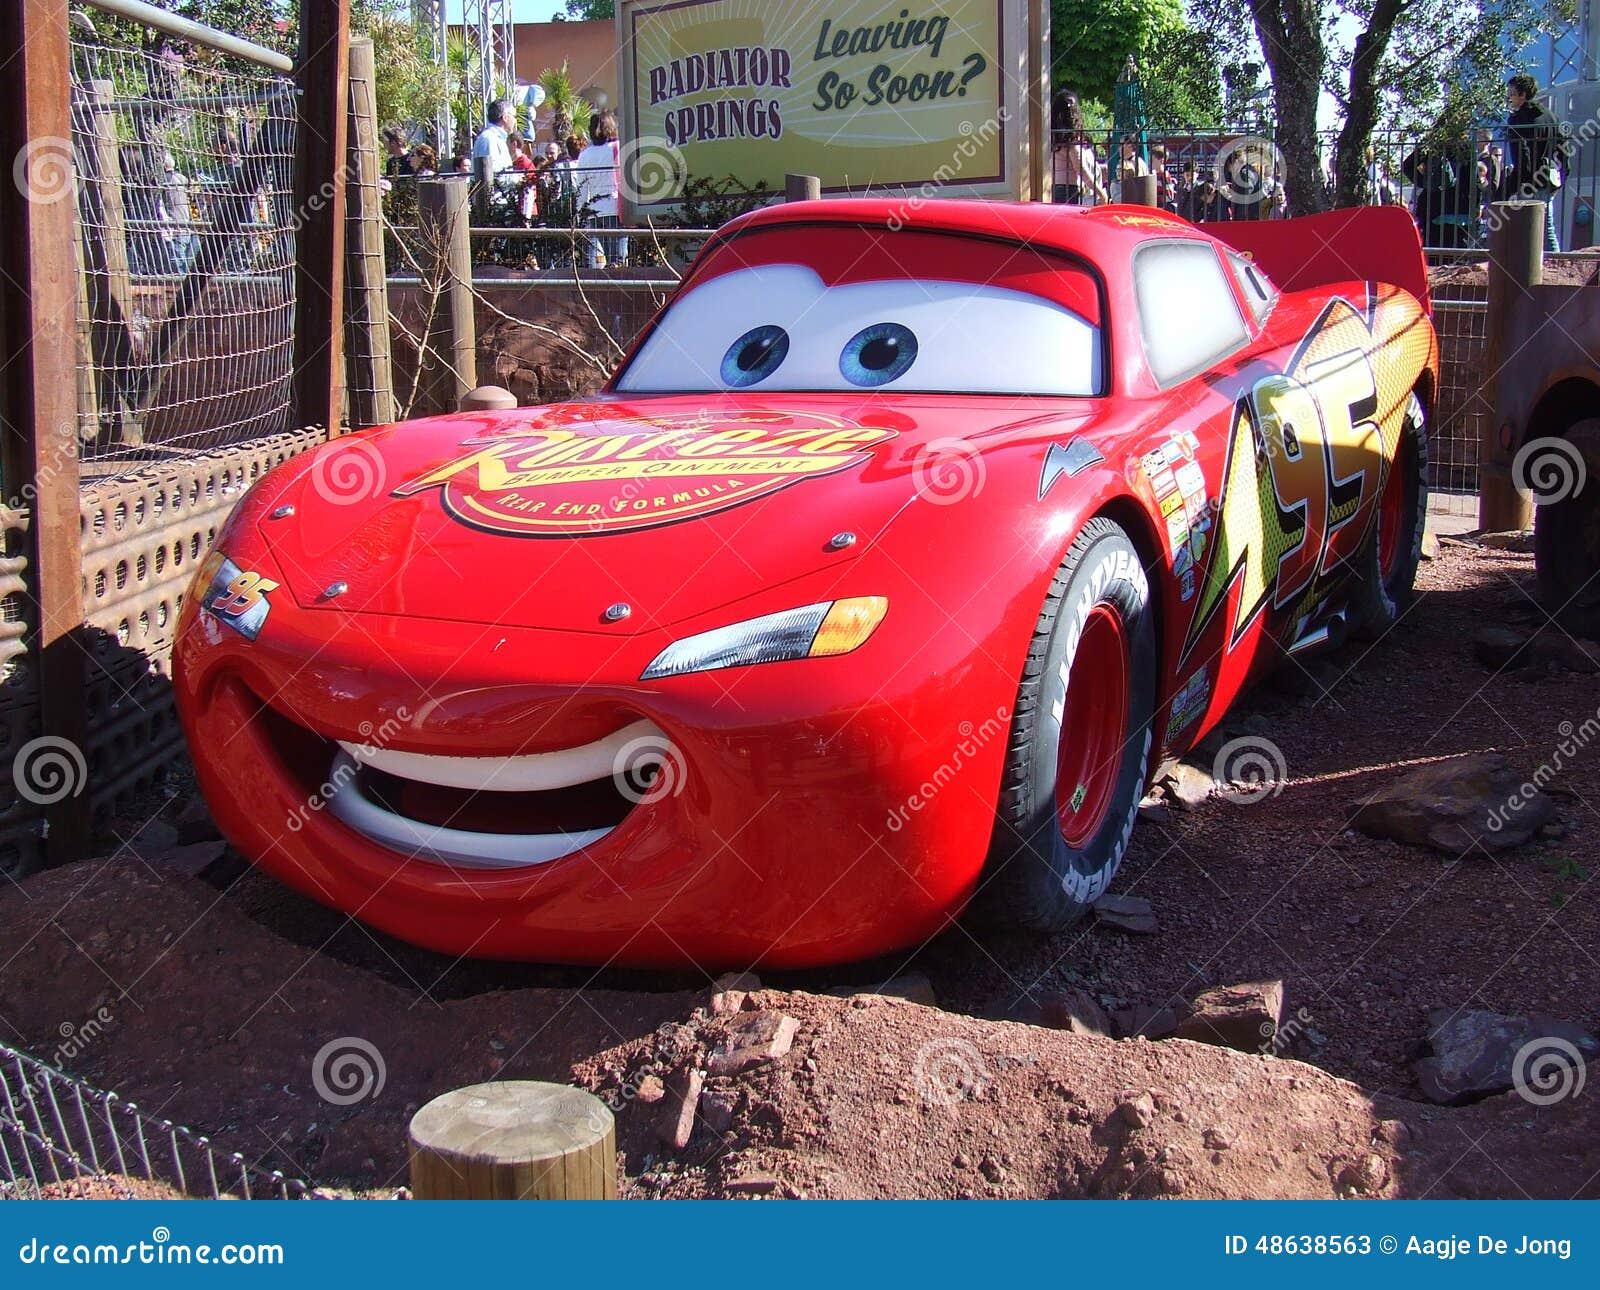 Autos in Disneyland Paris